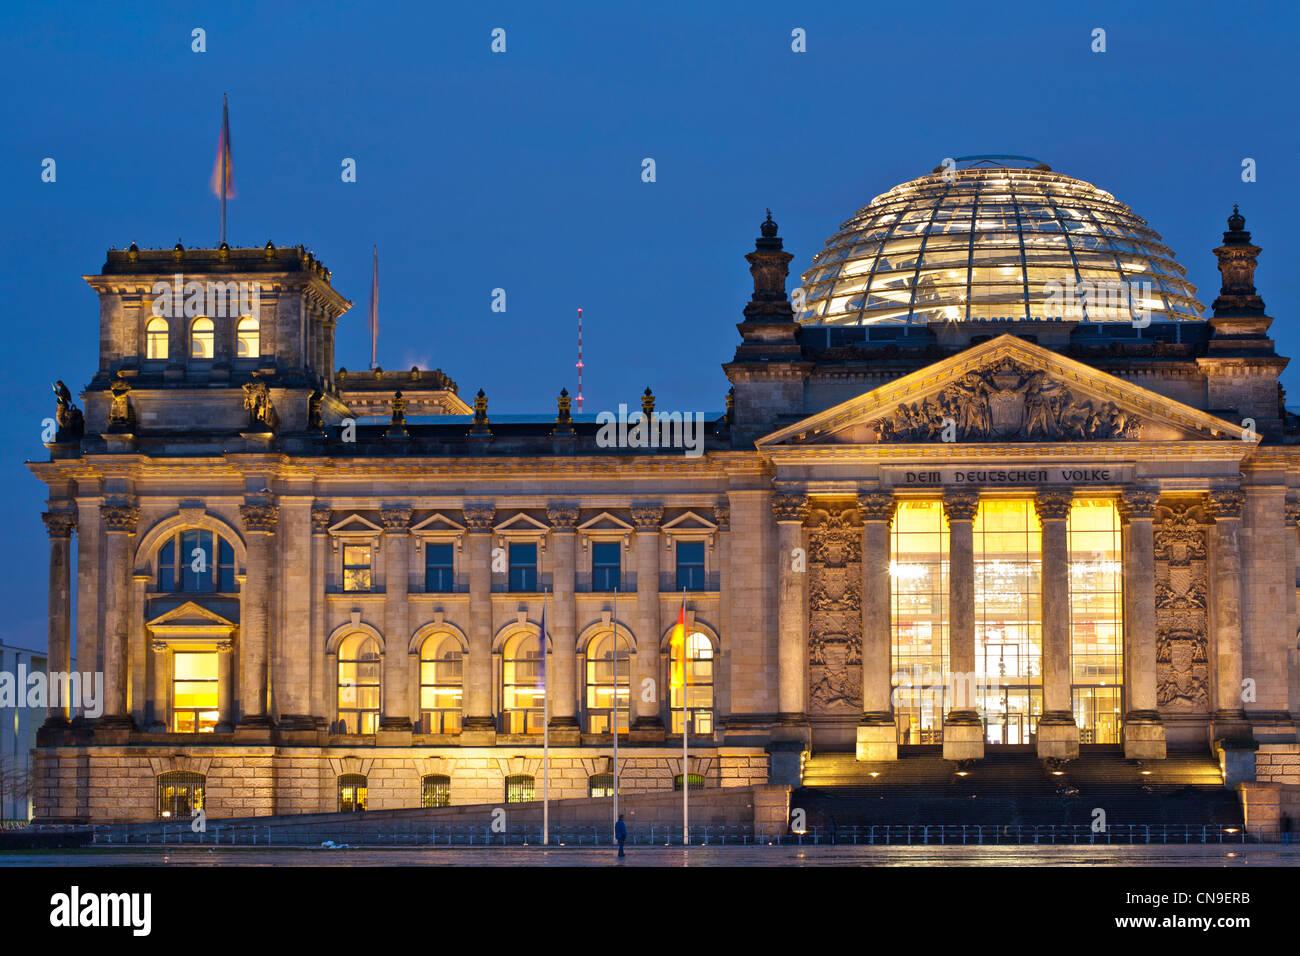 Deutschland, Berlin, den Reichstag oder Deutscher Bundestag, Deutschen Bundestages konzipiert ein Gebäude von Stockbild